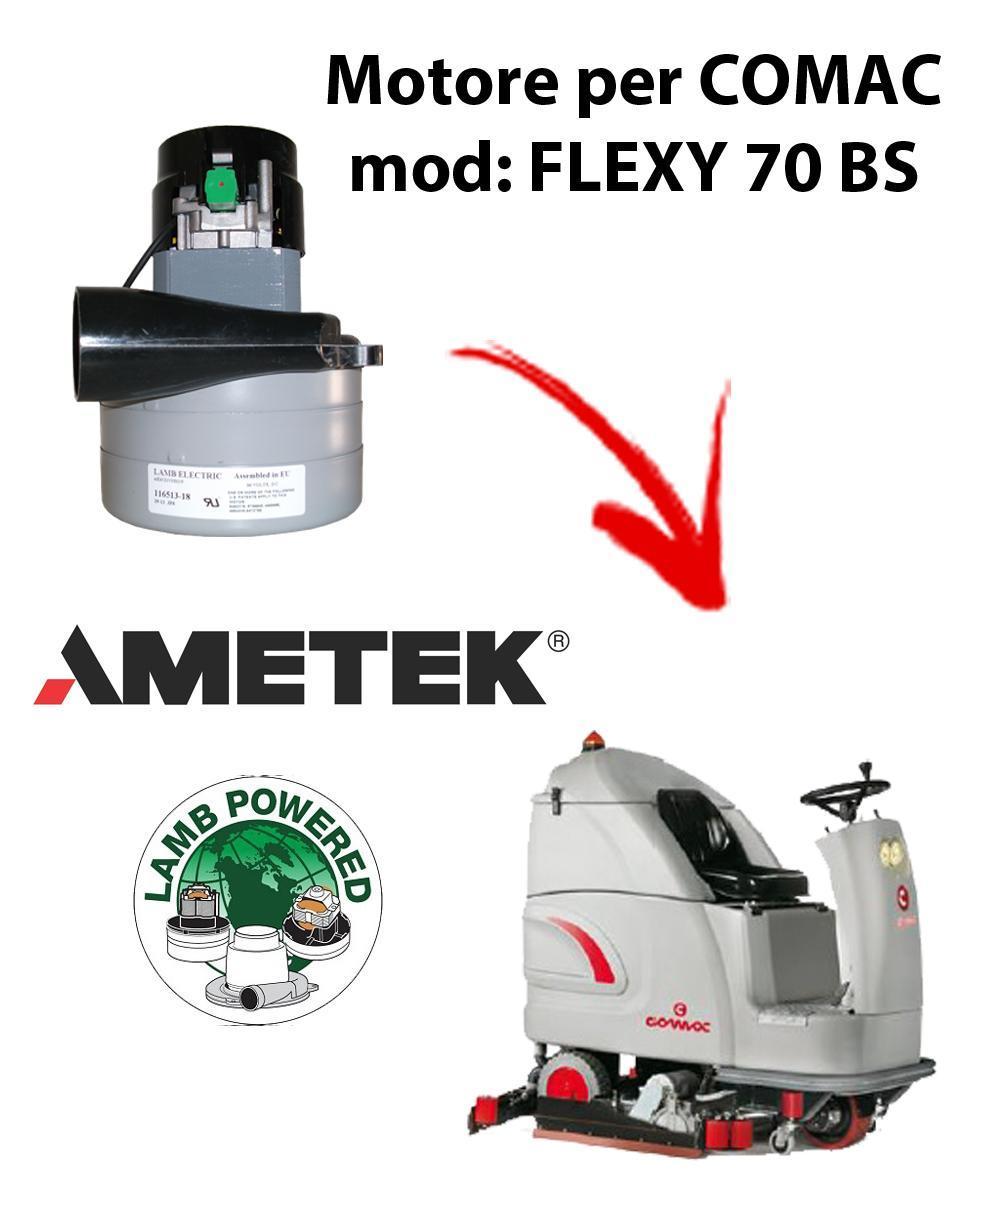 FLEXY 70 BS Motore de aspiración AMETEK para fregadora Comac